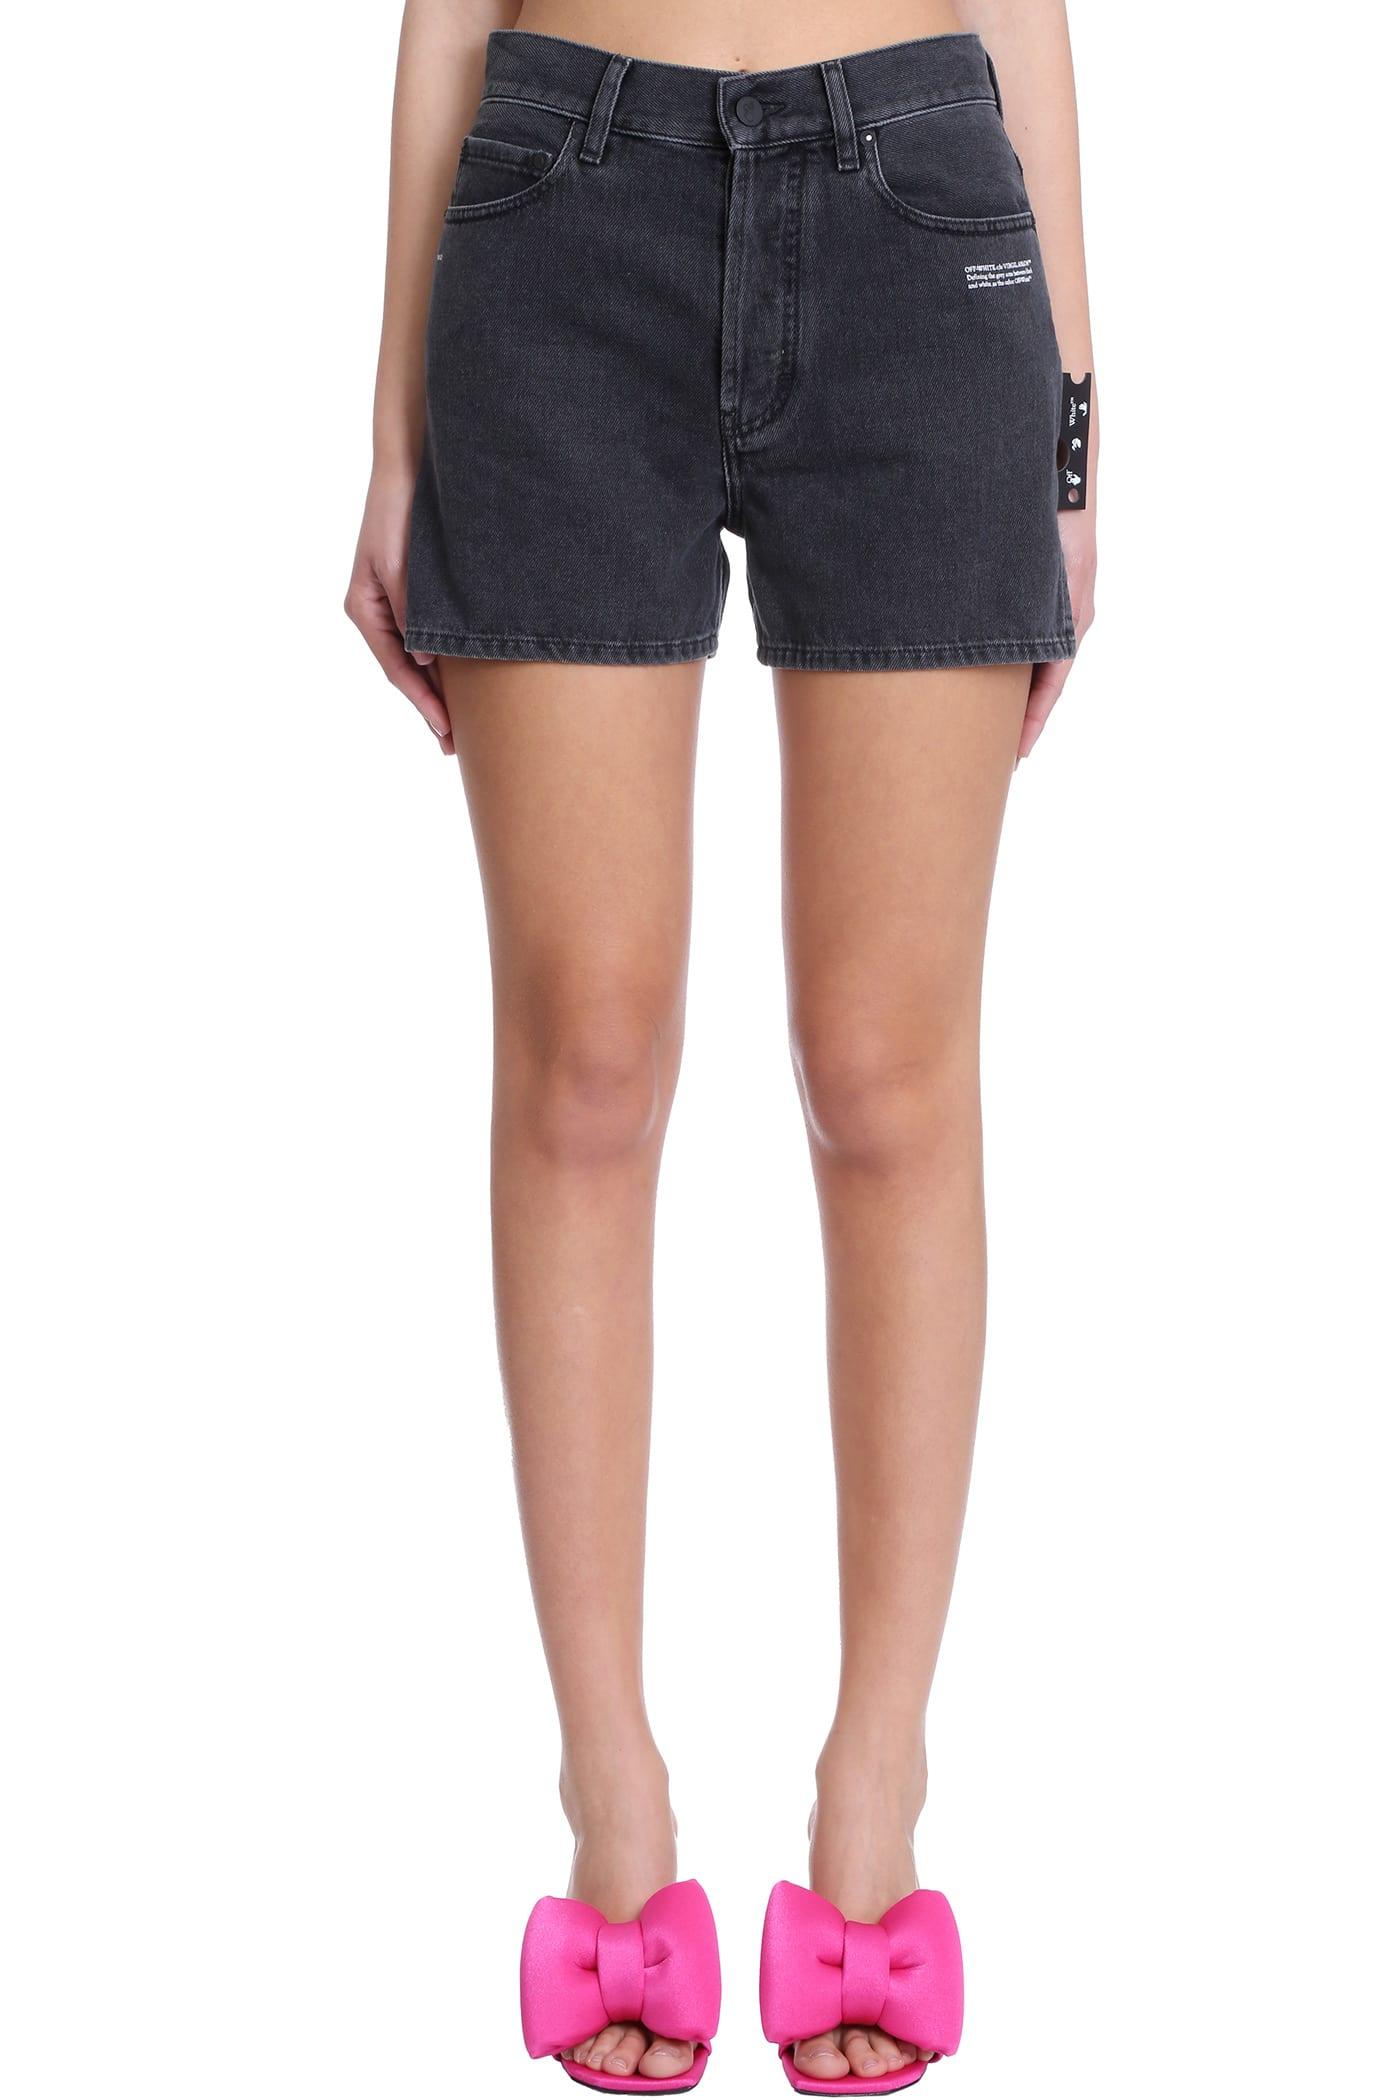 Off-White Shorts SHORTS IN GREY DENIM